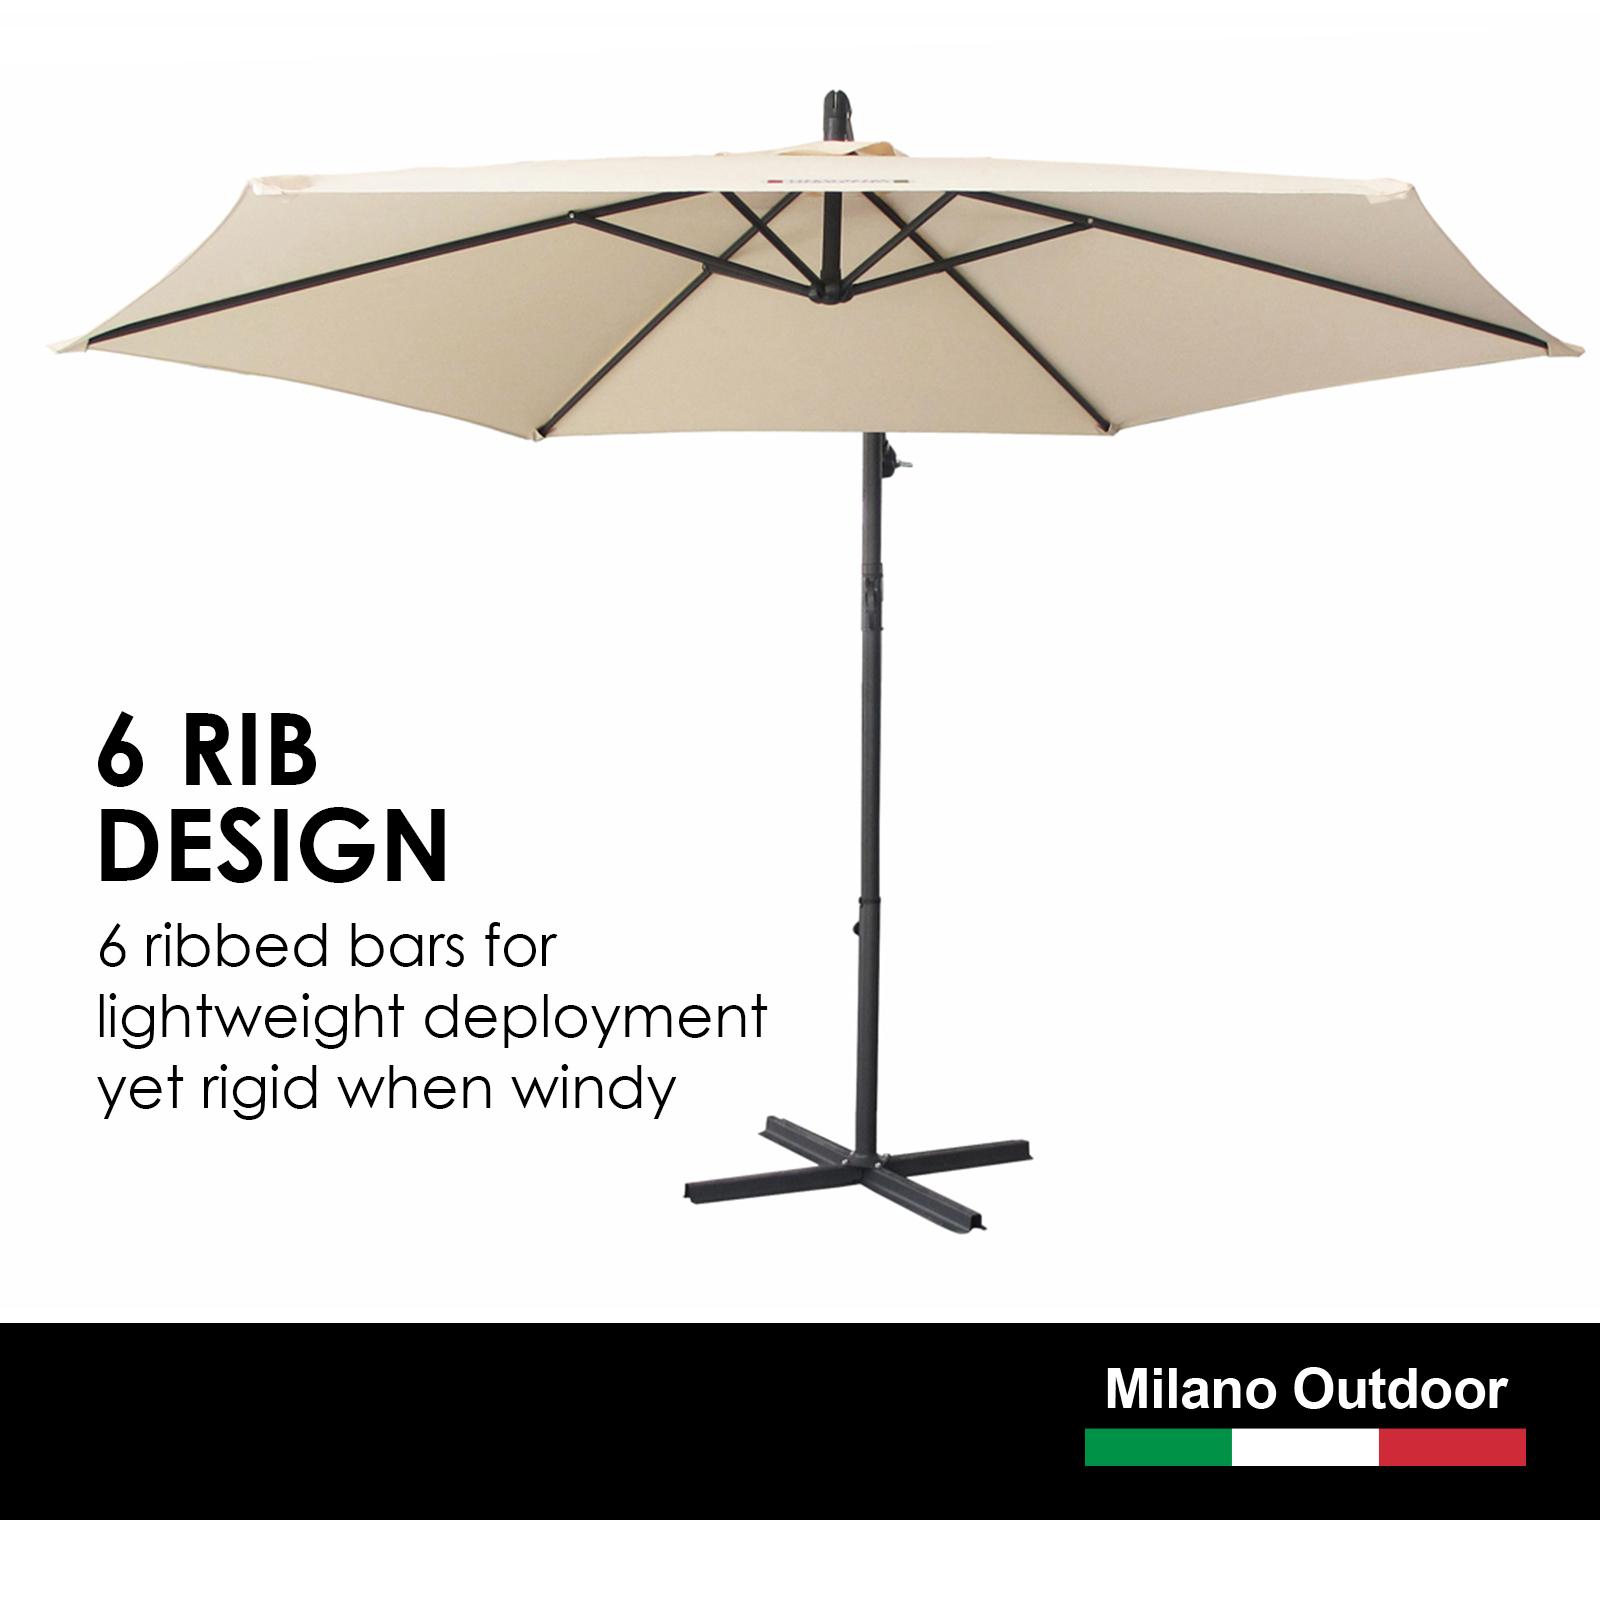 thumbnail 14 - Milano Outdoor 3 Metre Cantilever Umbrella UV Sunshade Garden Patio Deck